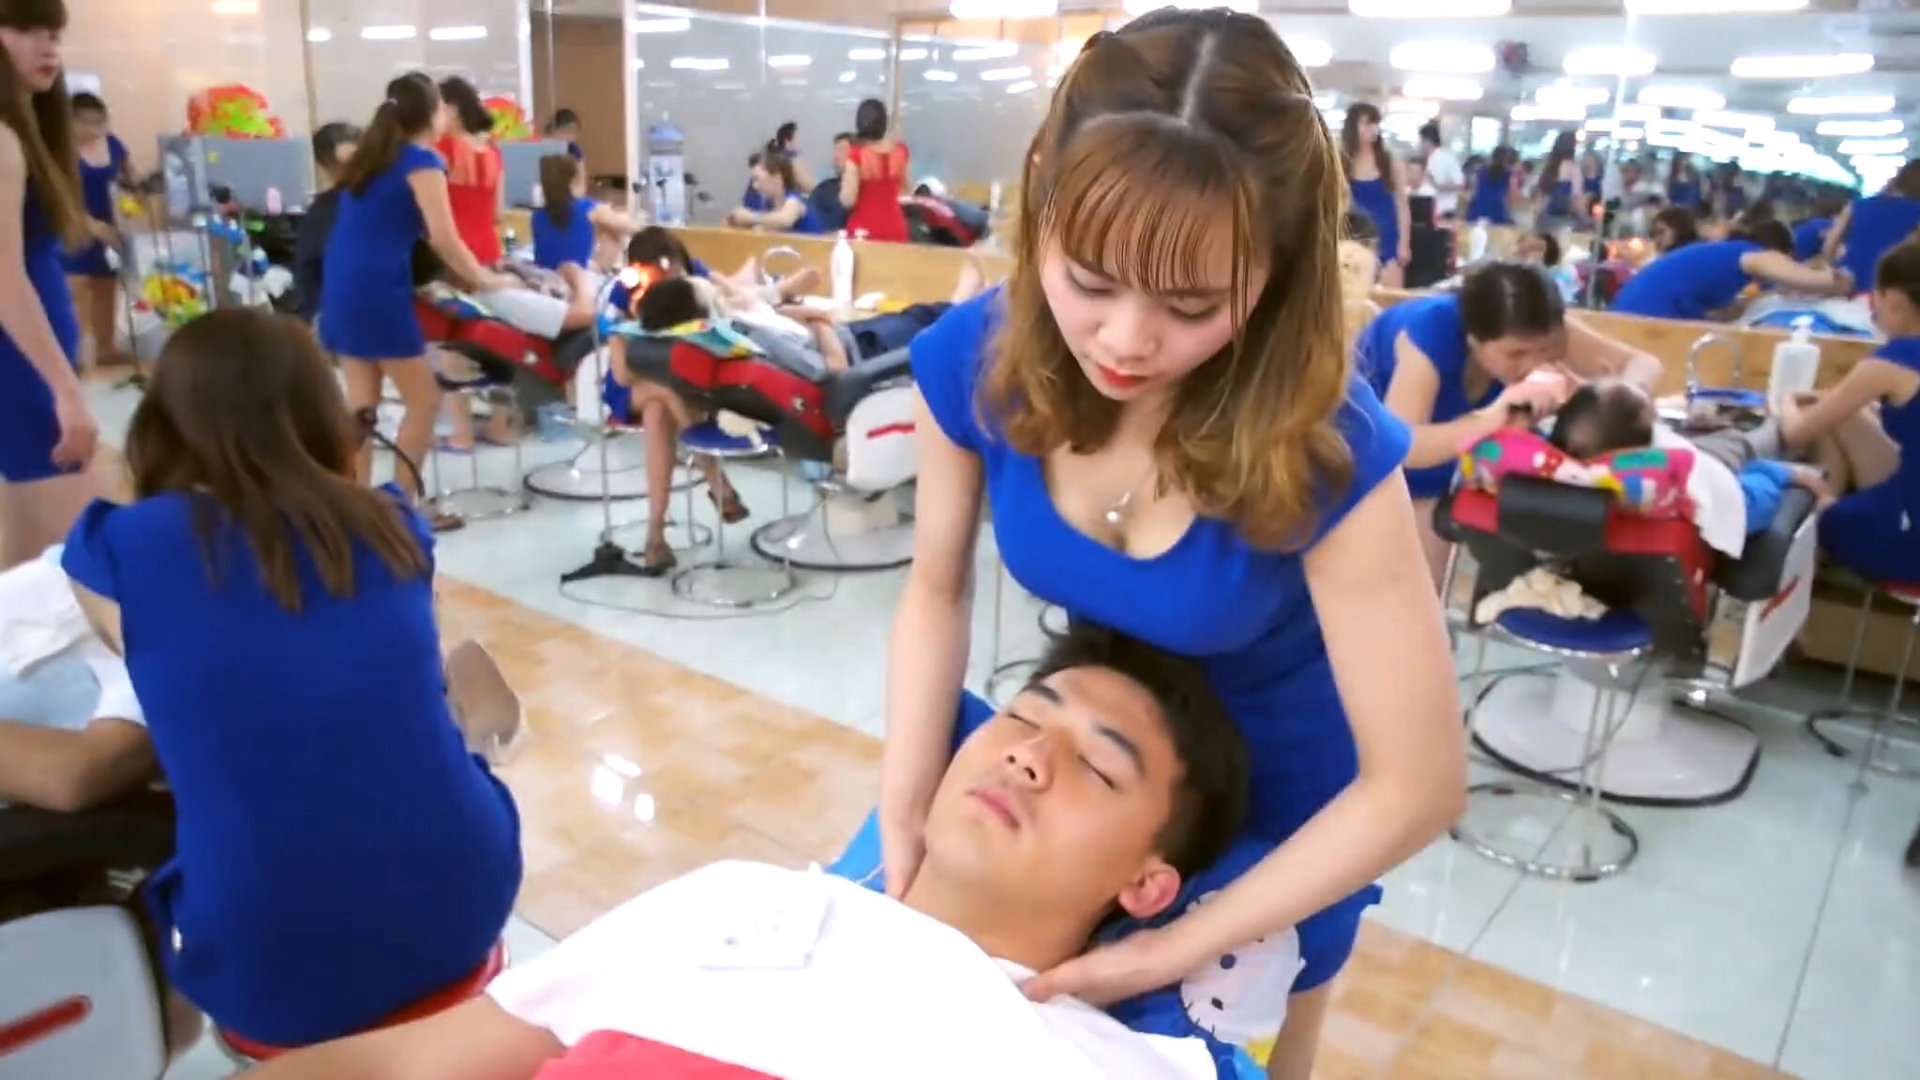 1000円で体験できるエロサービスが凄すぎる理髪店wwwwwww(画像あり)・4枚目